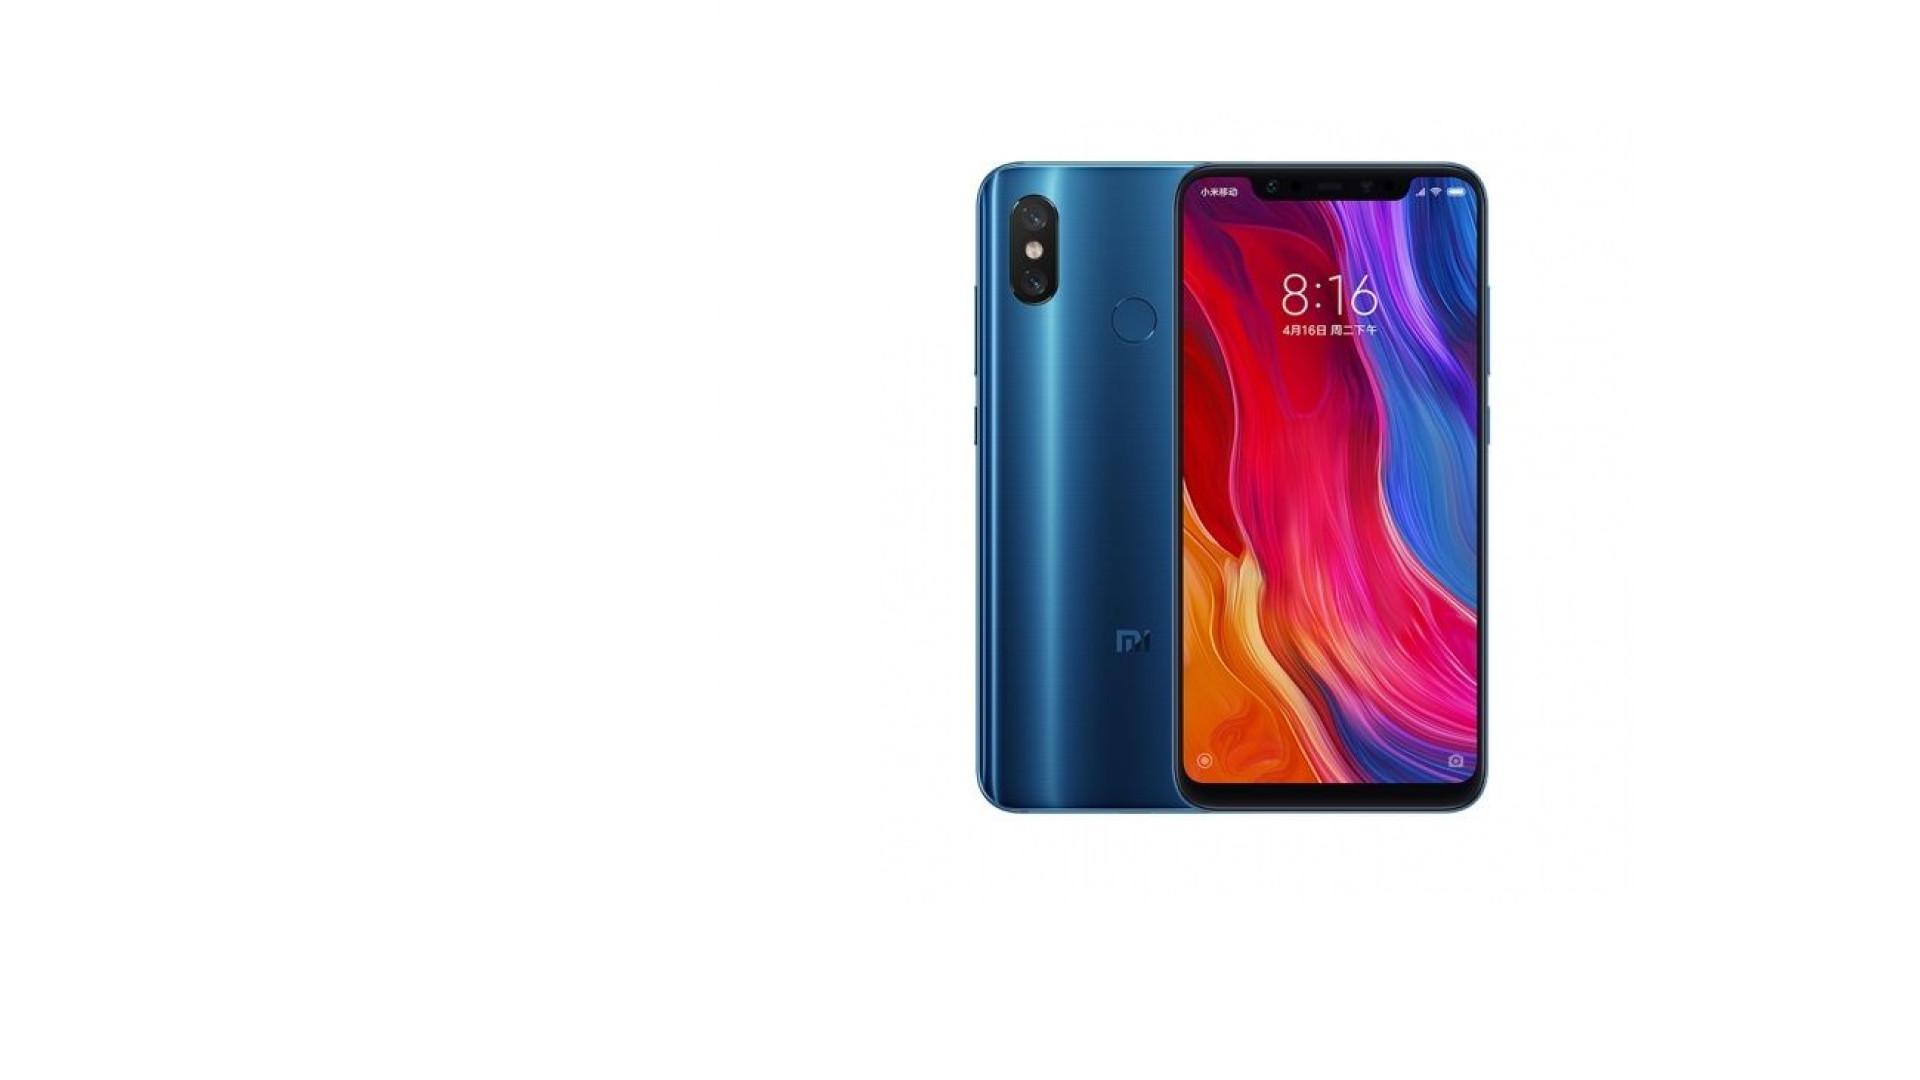 Topo de gama da Xiaomi teve direito a versão mais poderosa